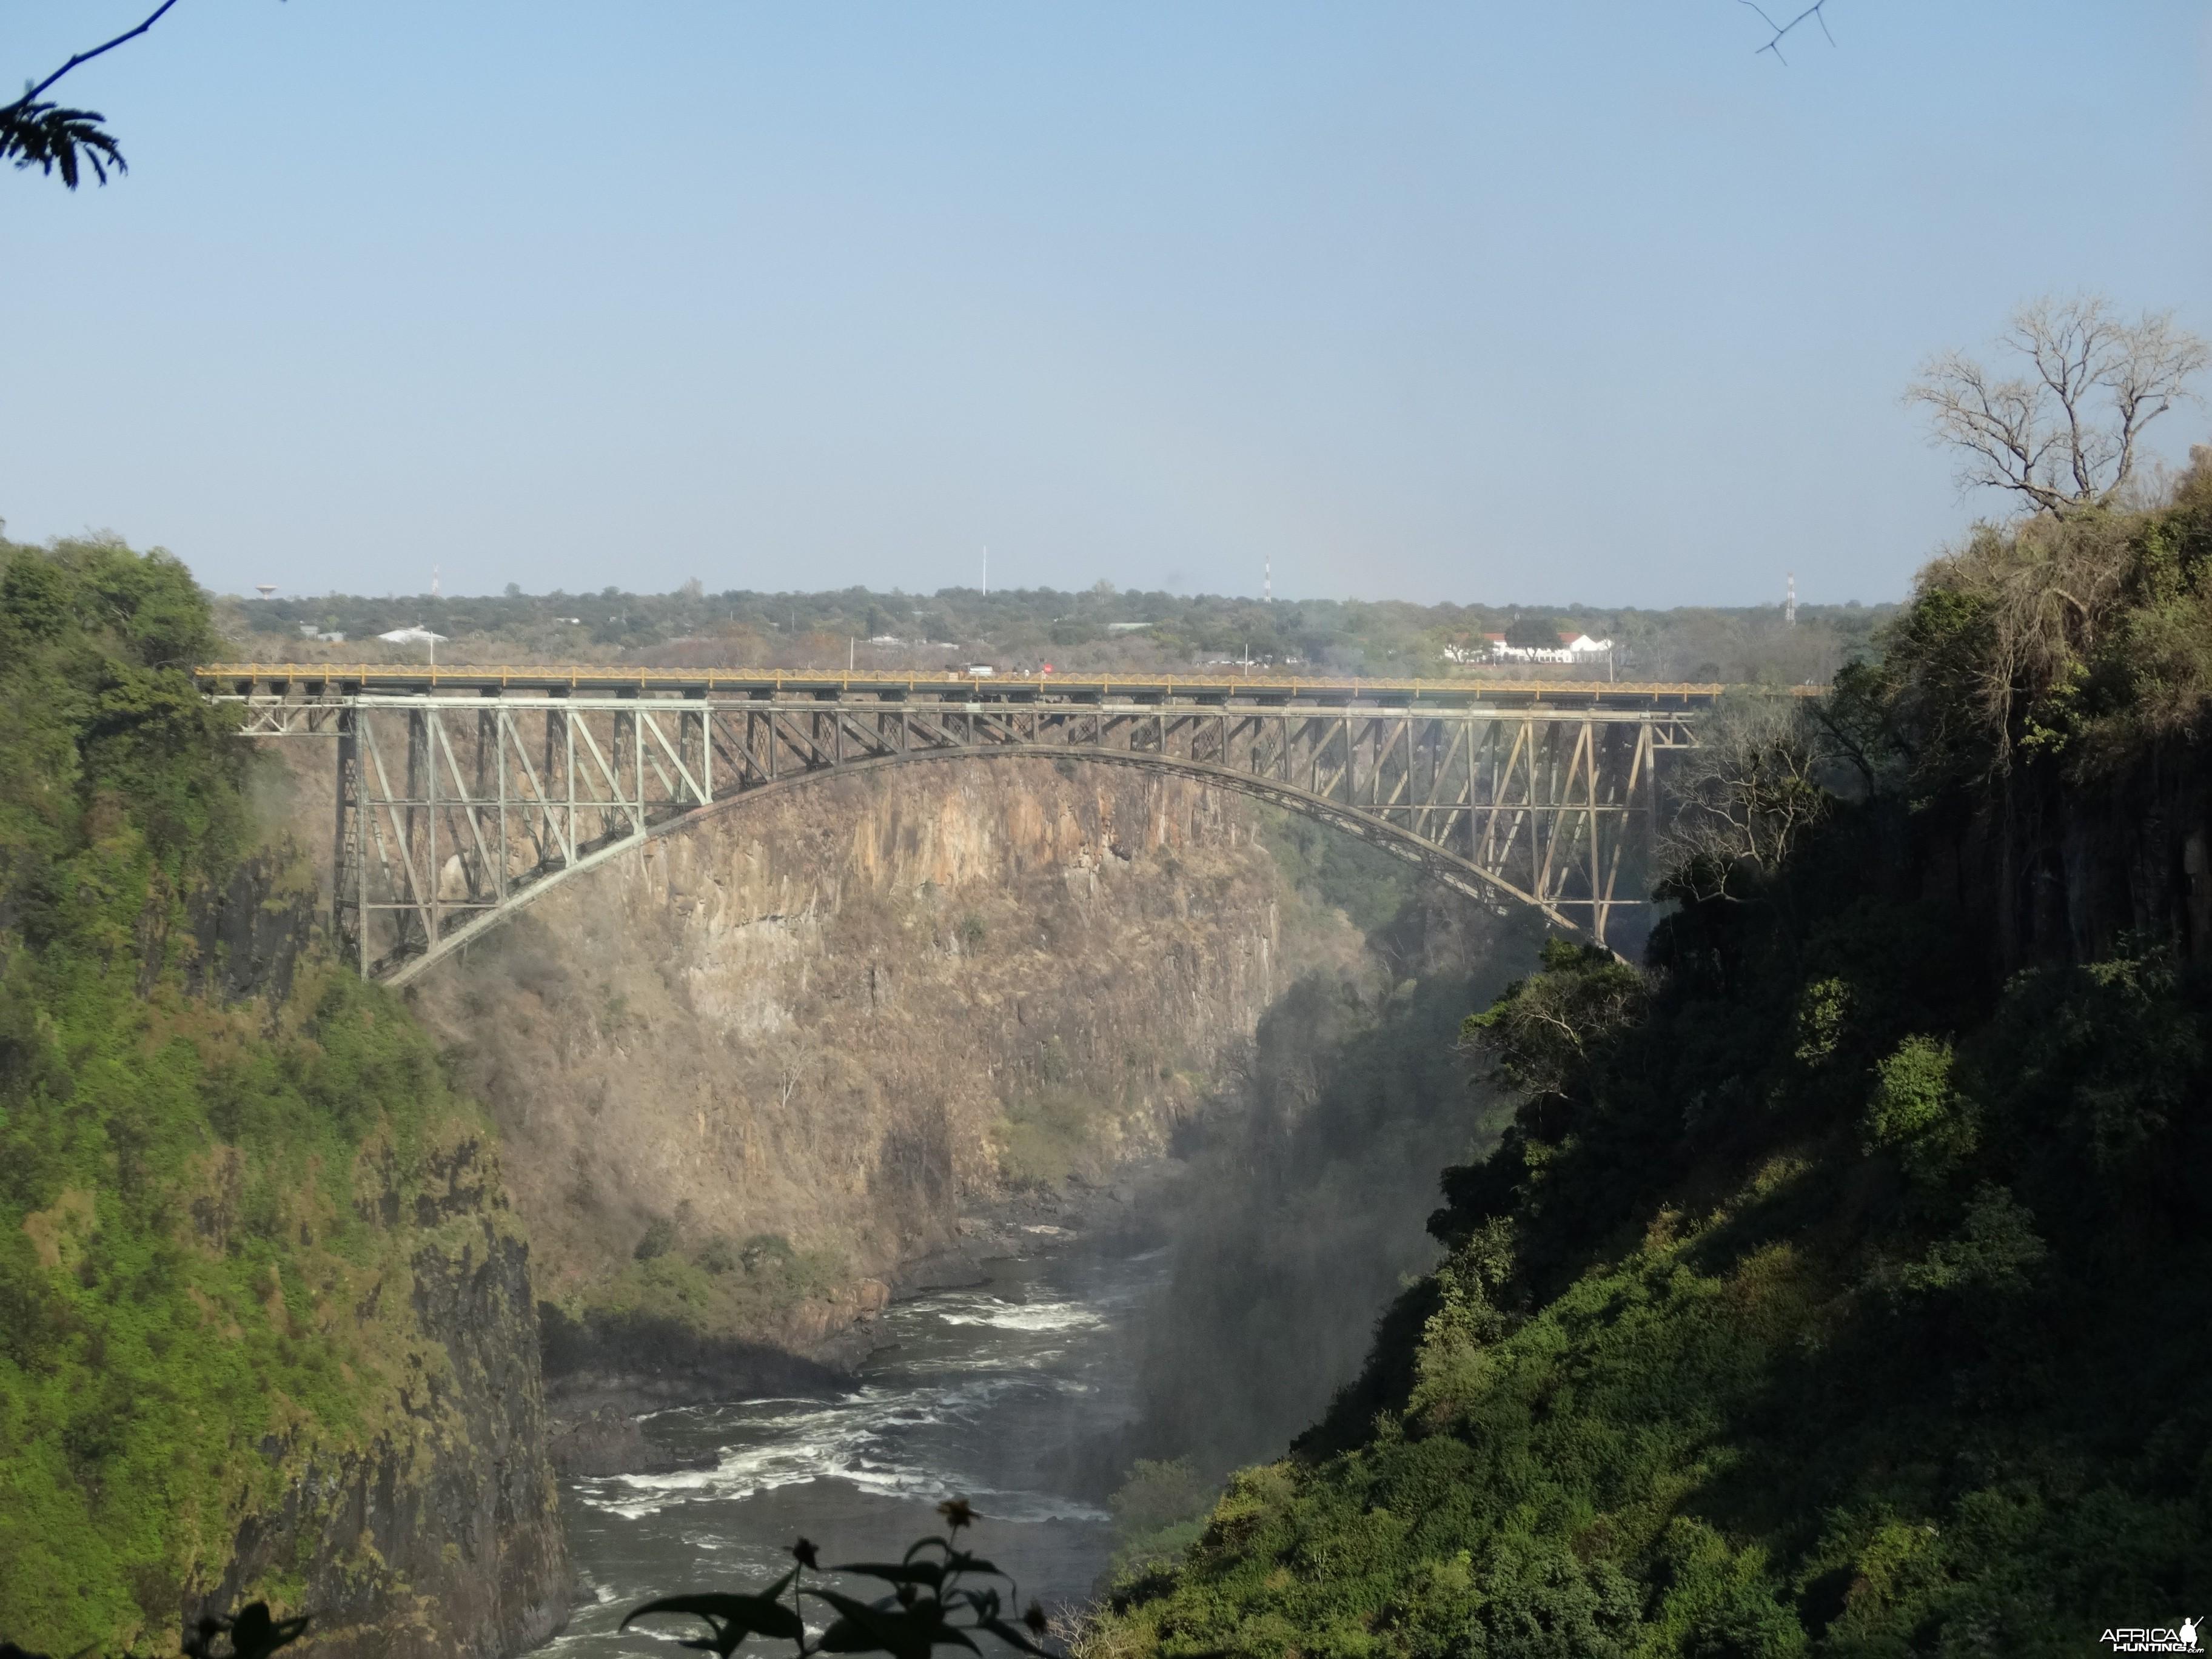 Zambezi R bridge